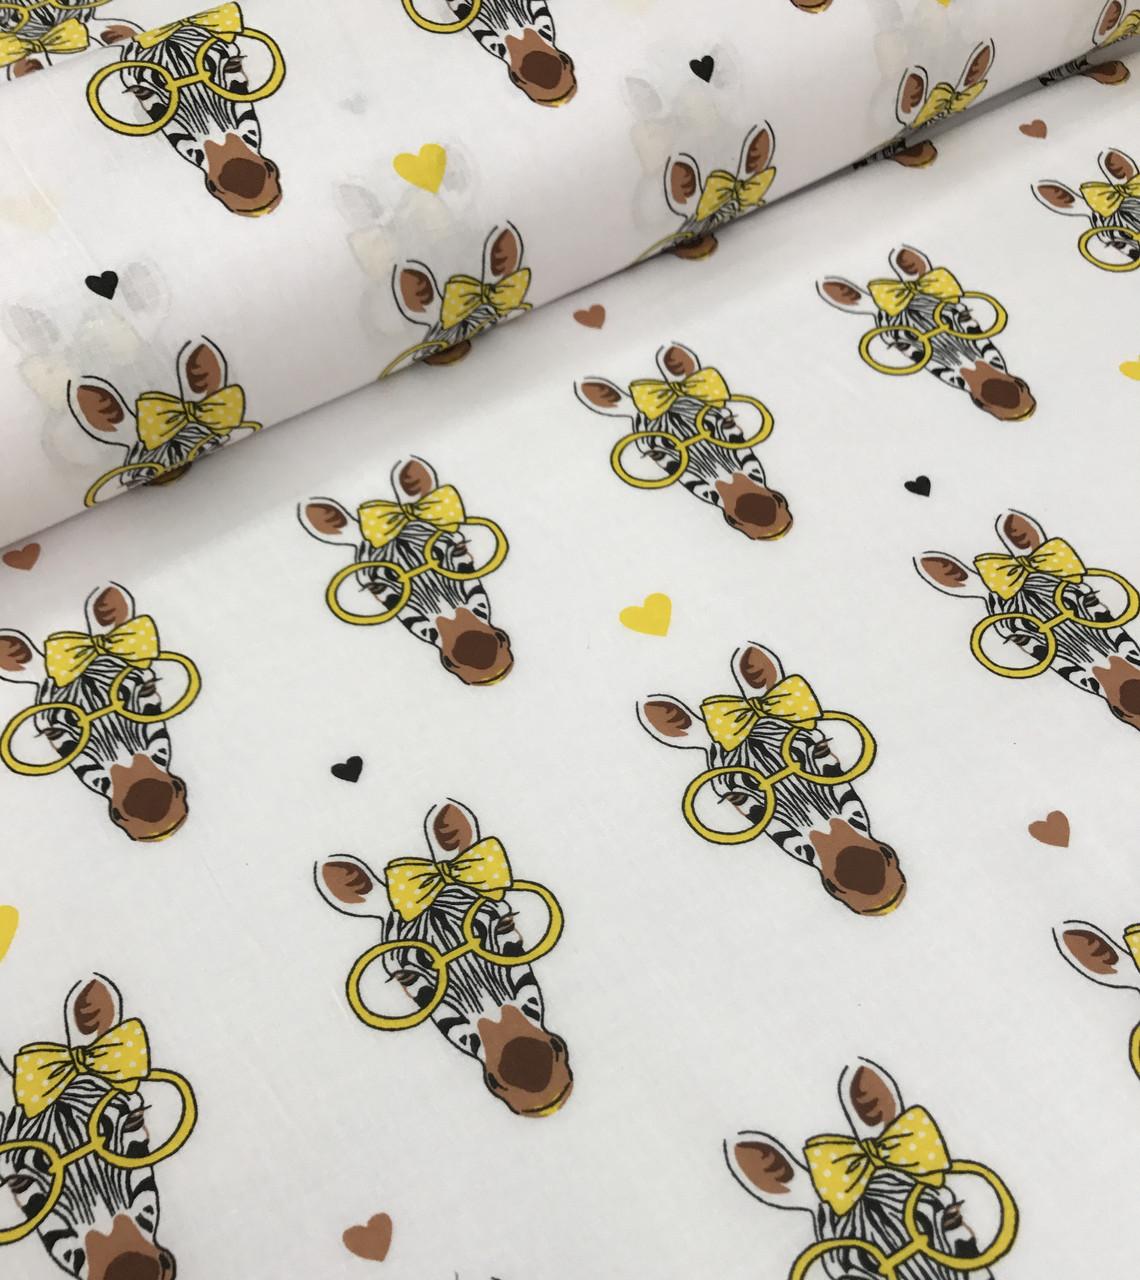 Хлопковая ткань польская зебры в желтых очках на белом №594